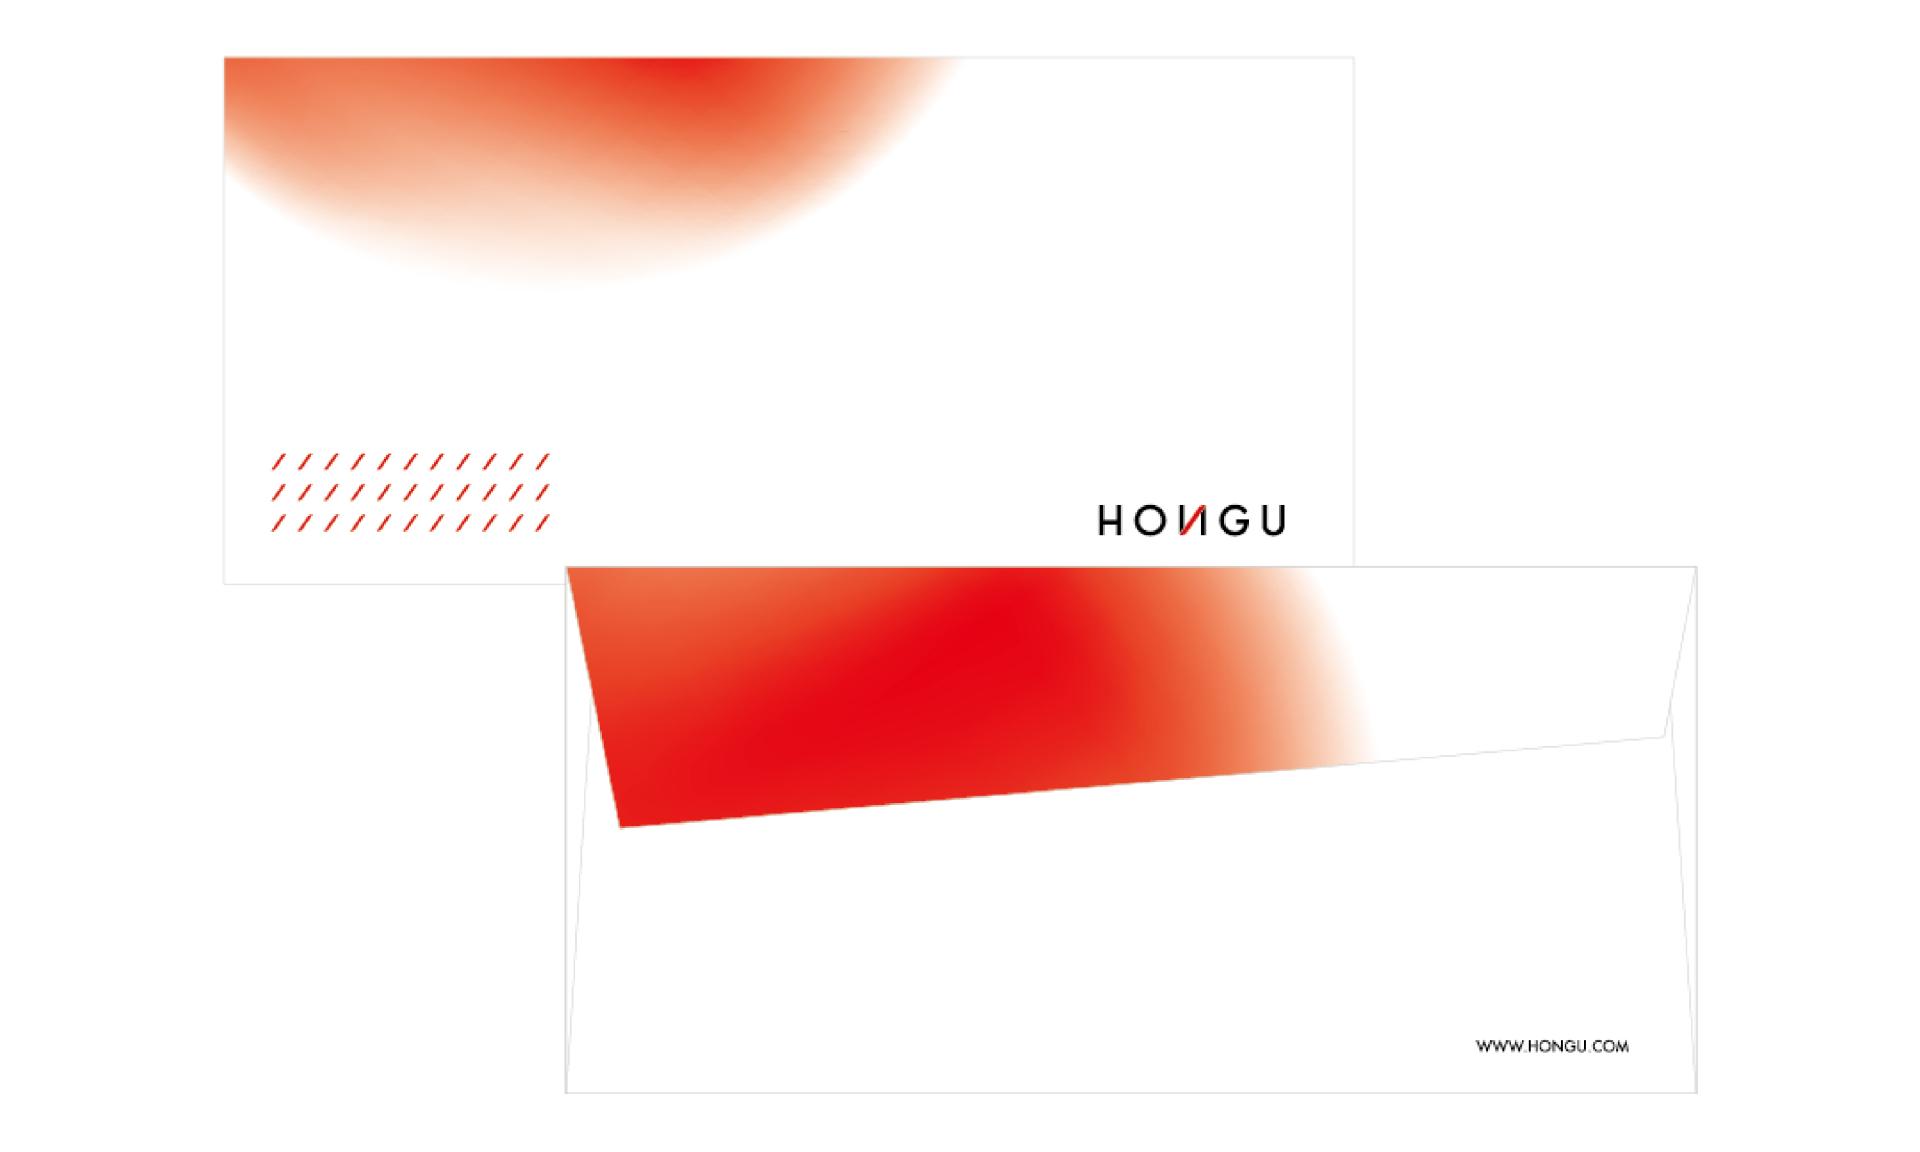 GONGGU_画板 1 副本 3